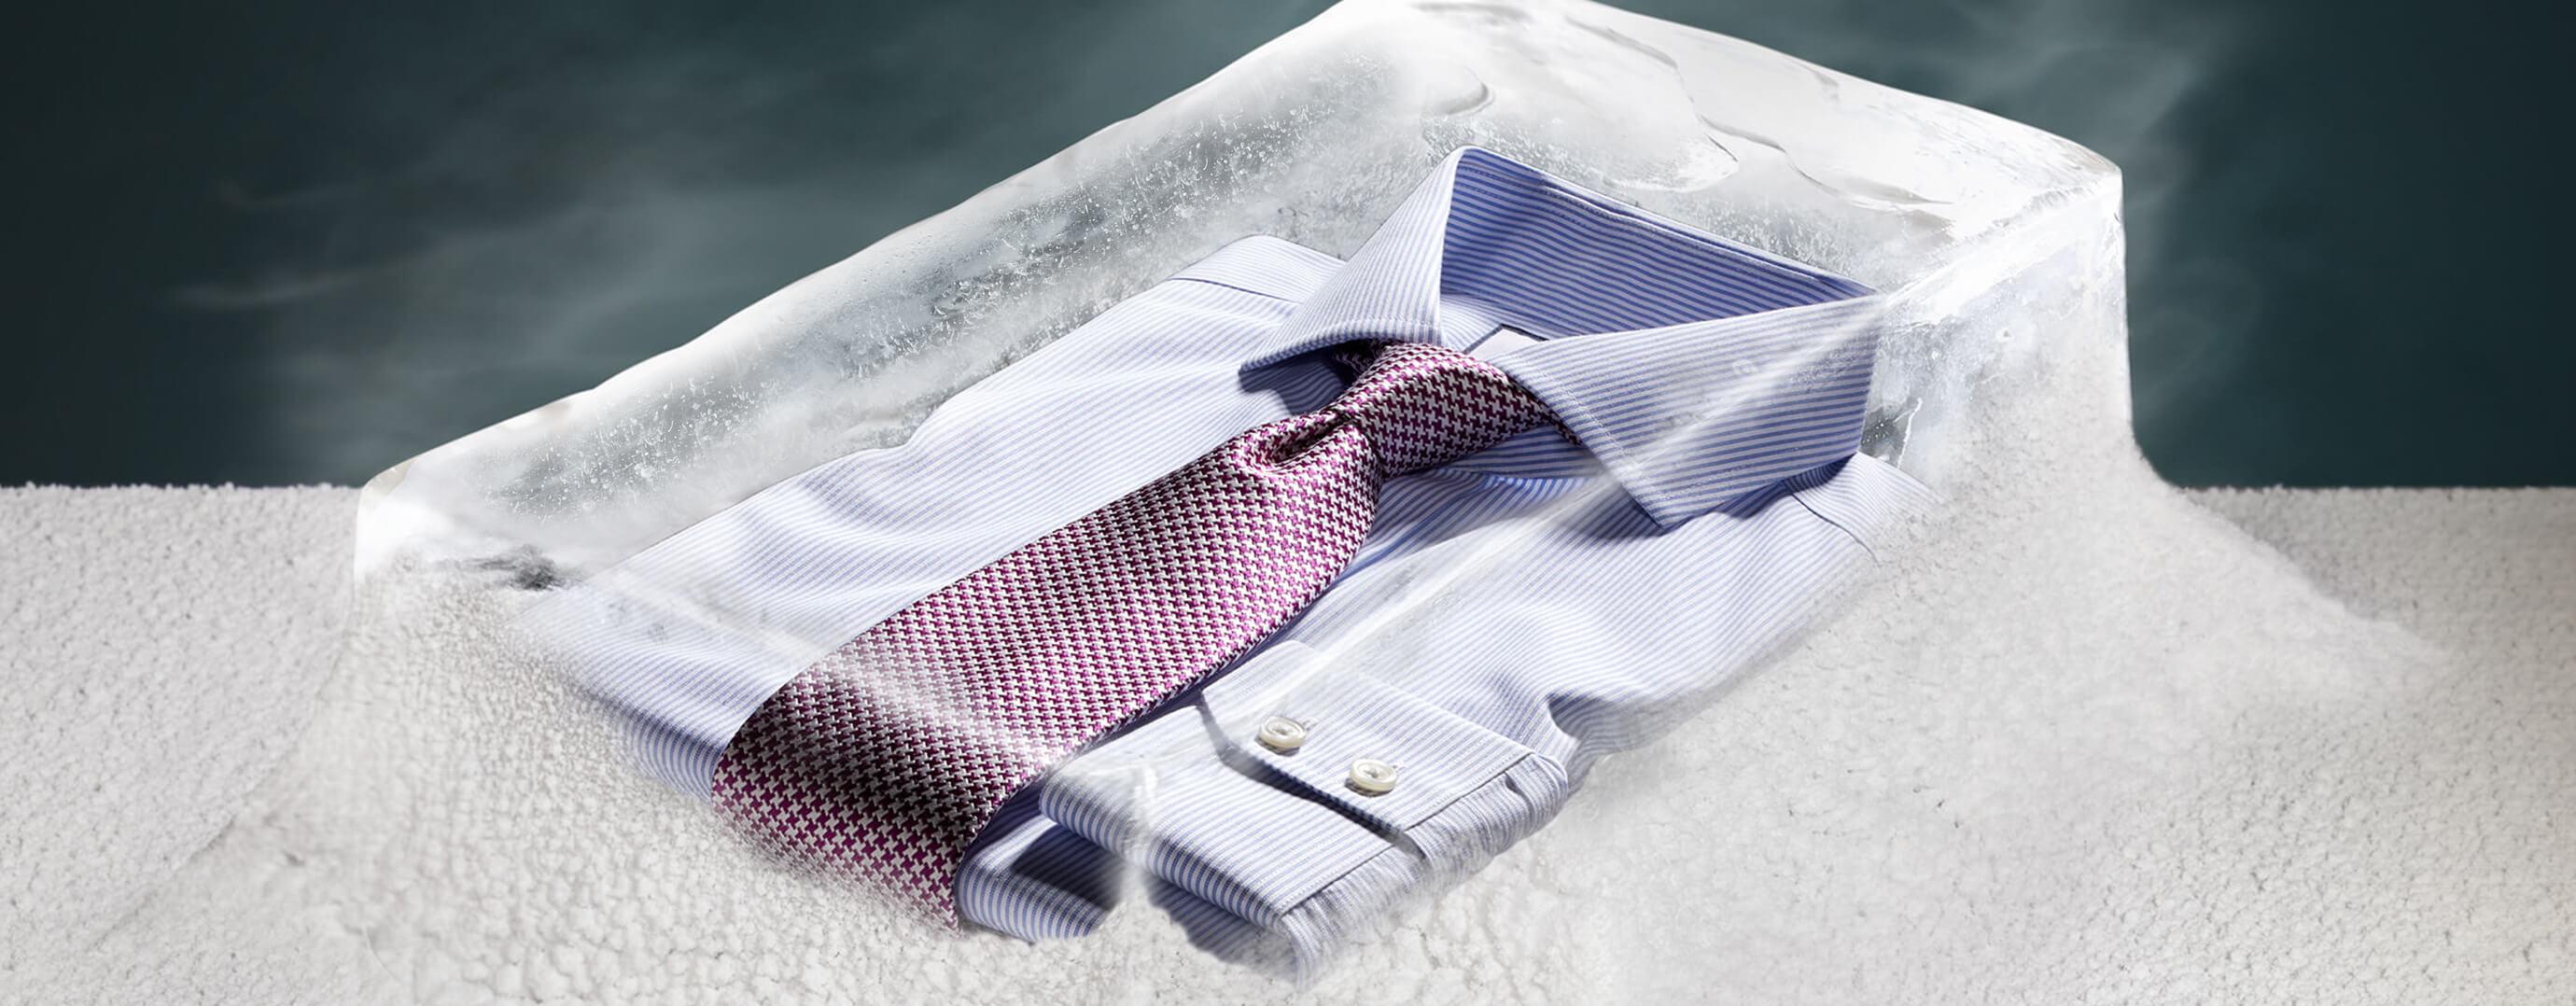 Natural Cool Hemden in vier Farben: blau, rosa, weiß und orange